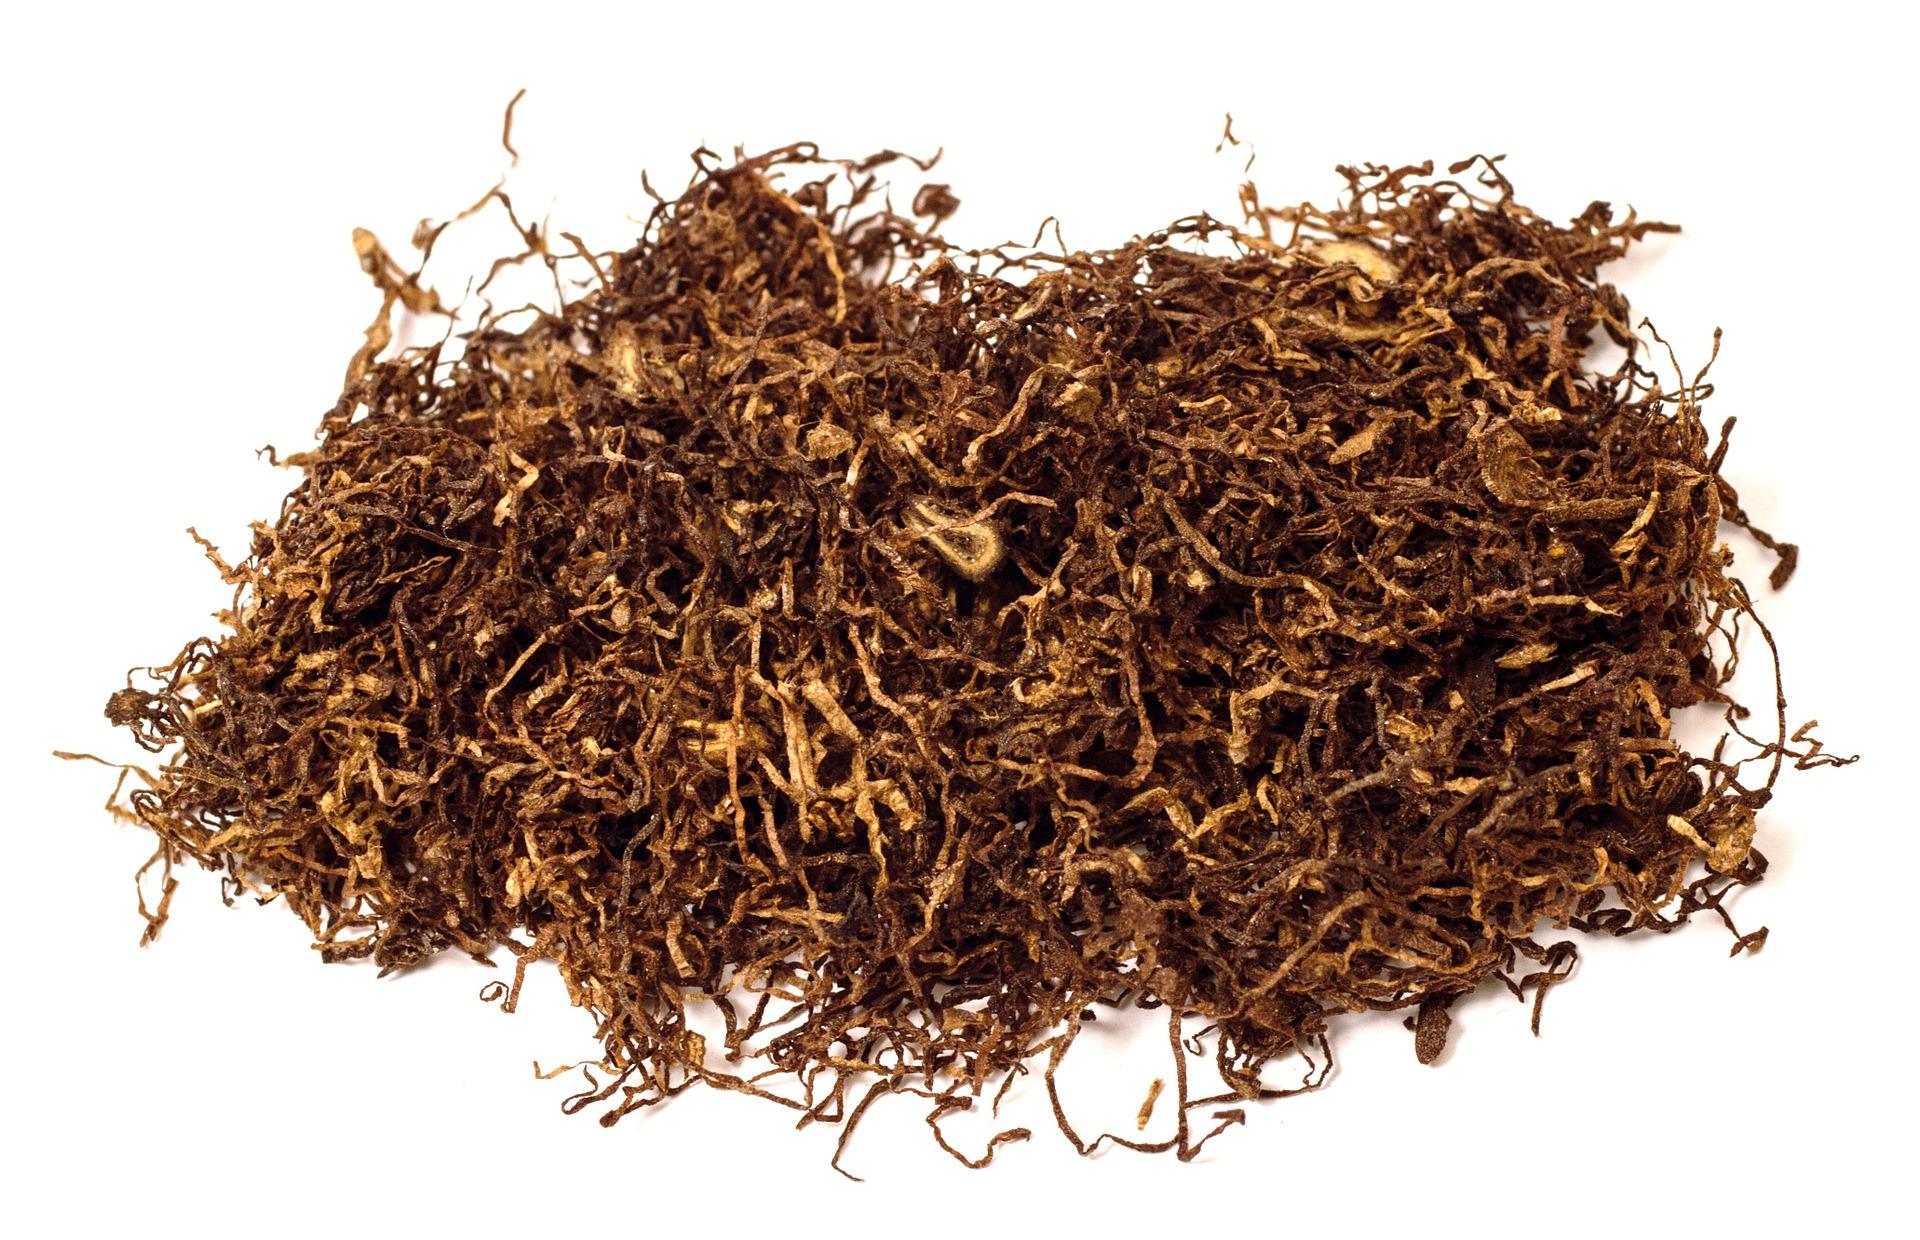 Udaremniono przemyt papierosów wartych 5 mln zł